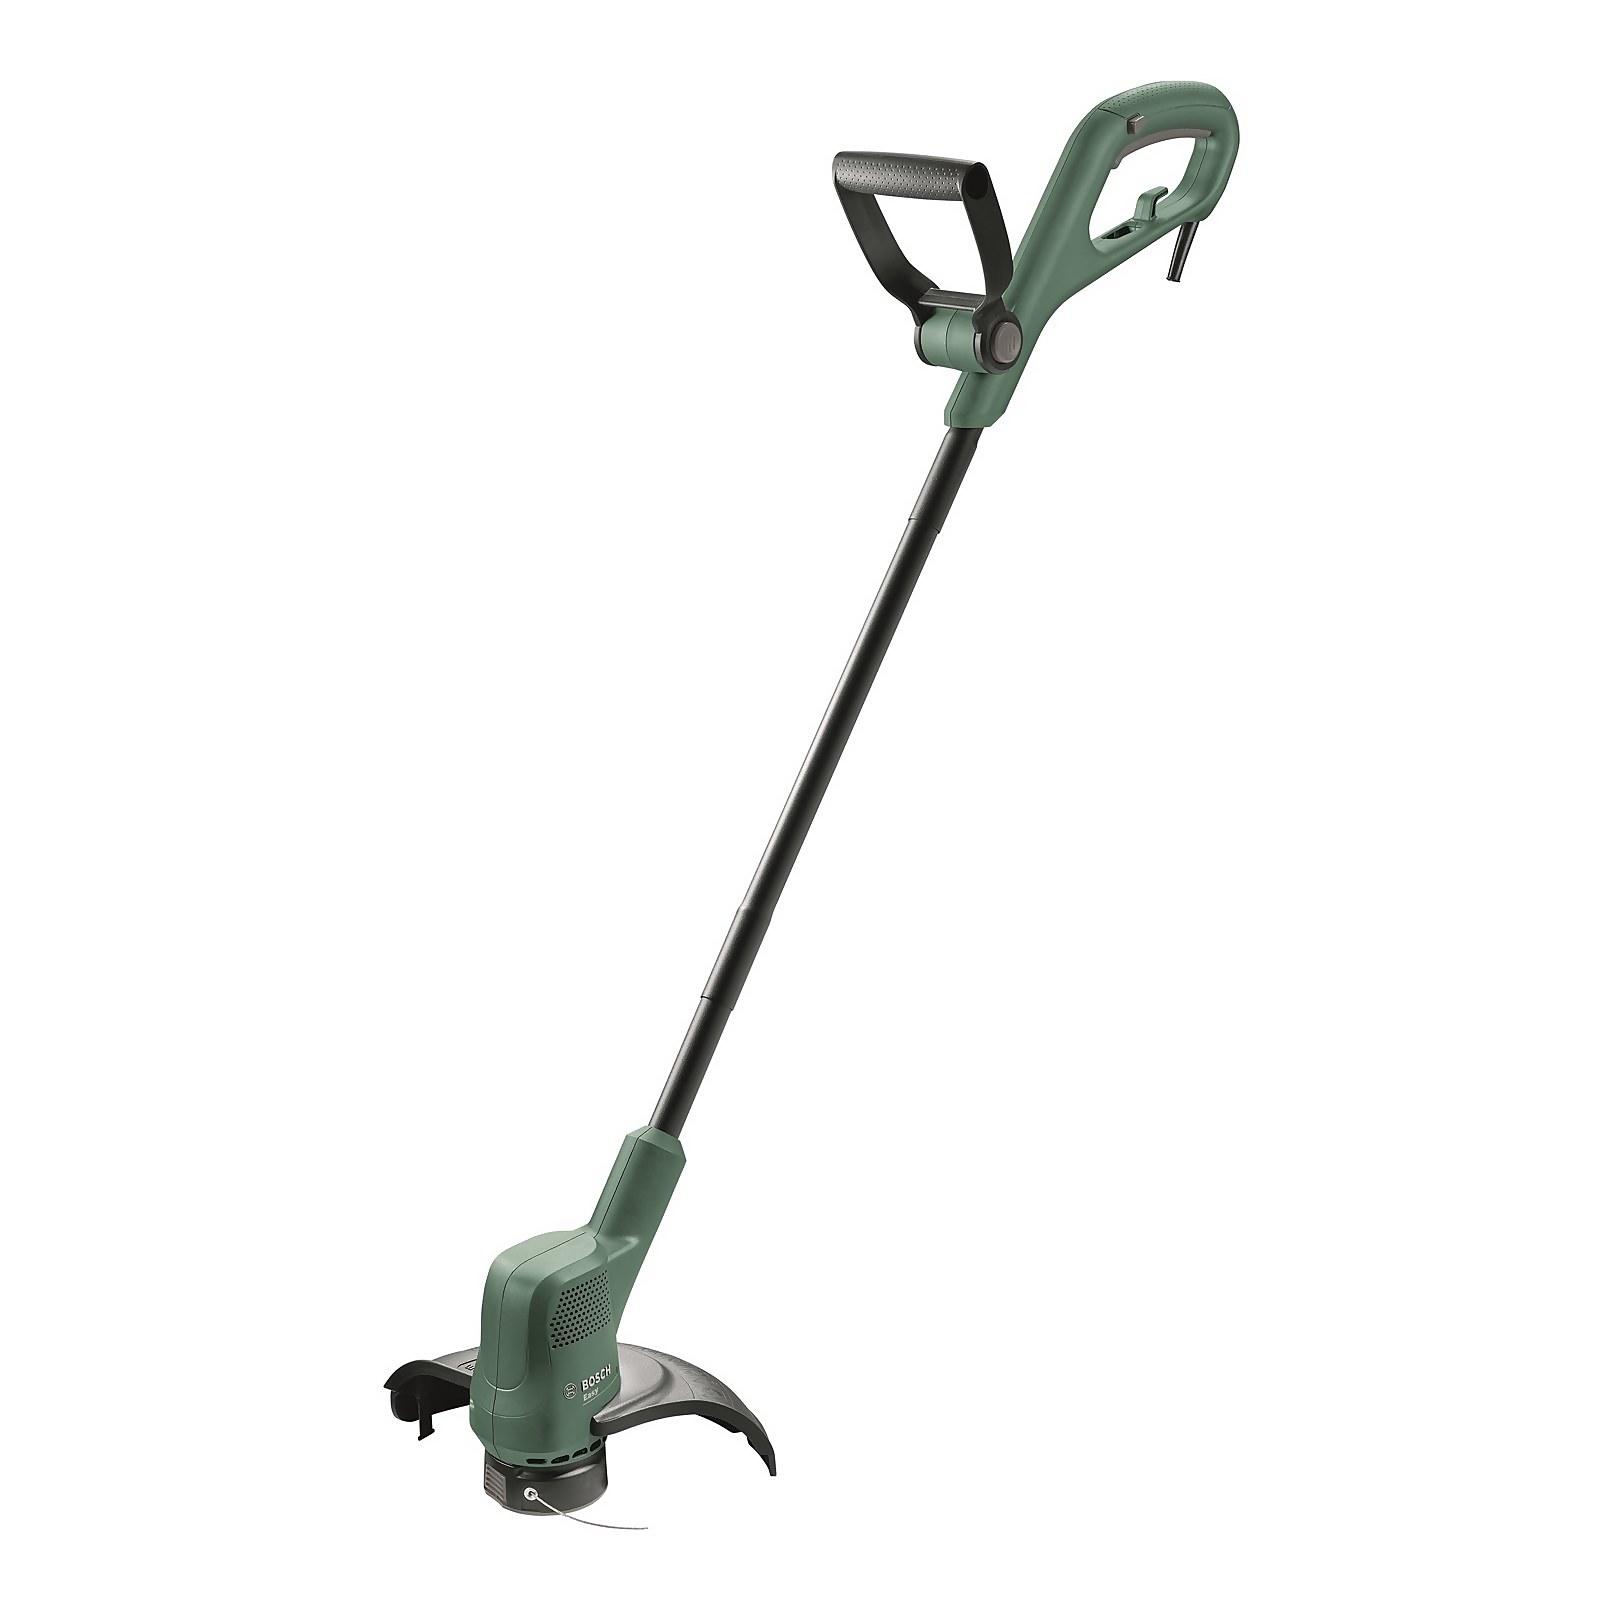 Bosch Easygrasscut 26 Corded Grass Trimmer